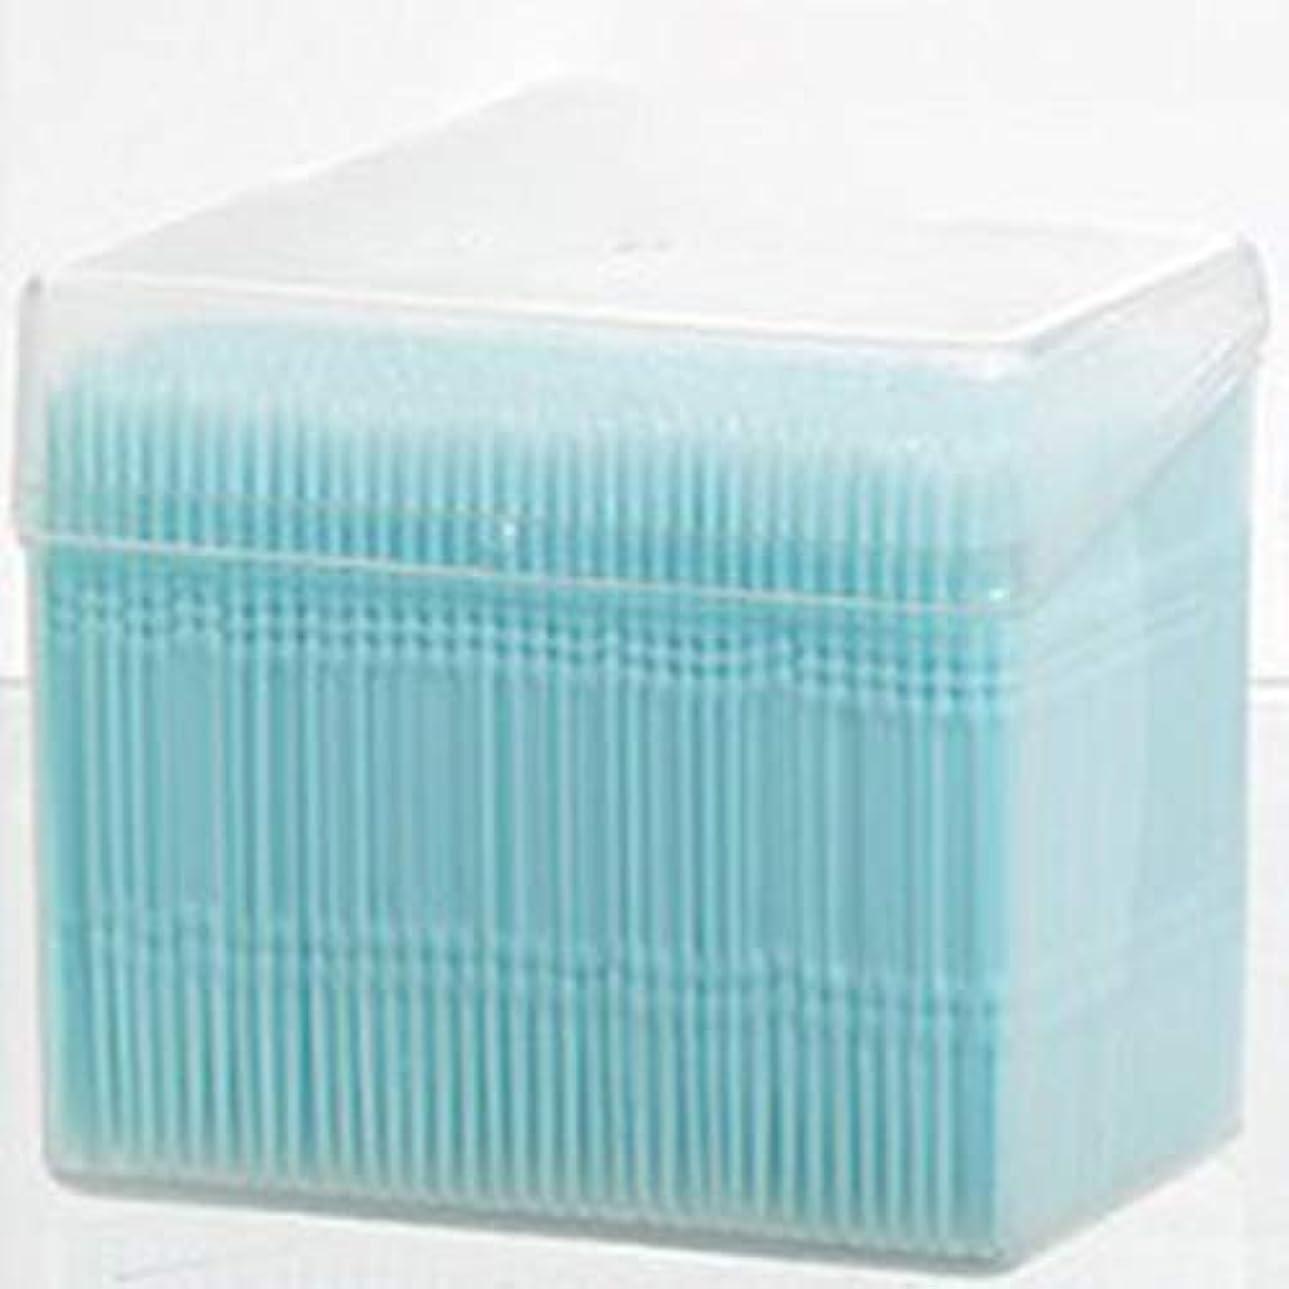 滑りやすいタヒチ放出1100ピース/セットダブルヘッド使い捨て歯フロス衛生デンタルフロス歯間つまようじ健康用歯のクリーニングオーラルケア(Color:blue)